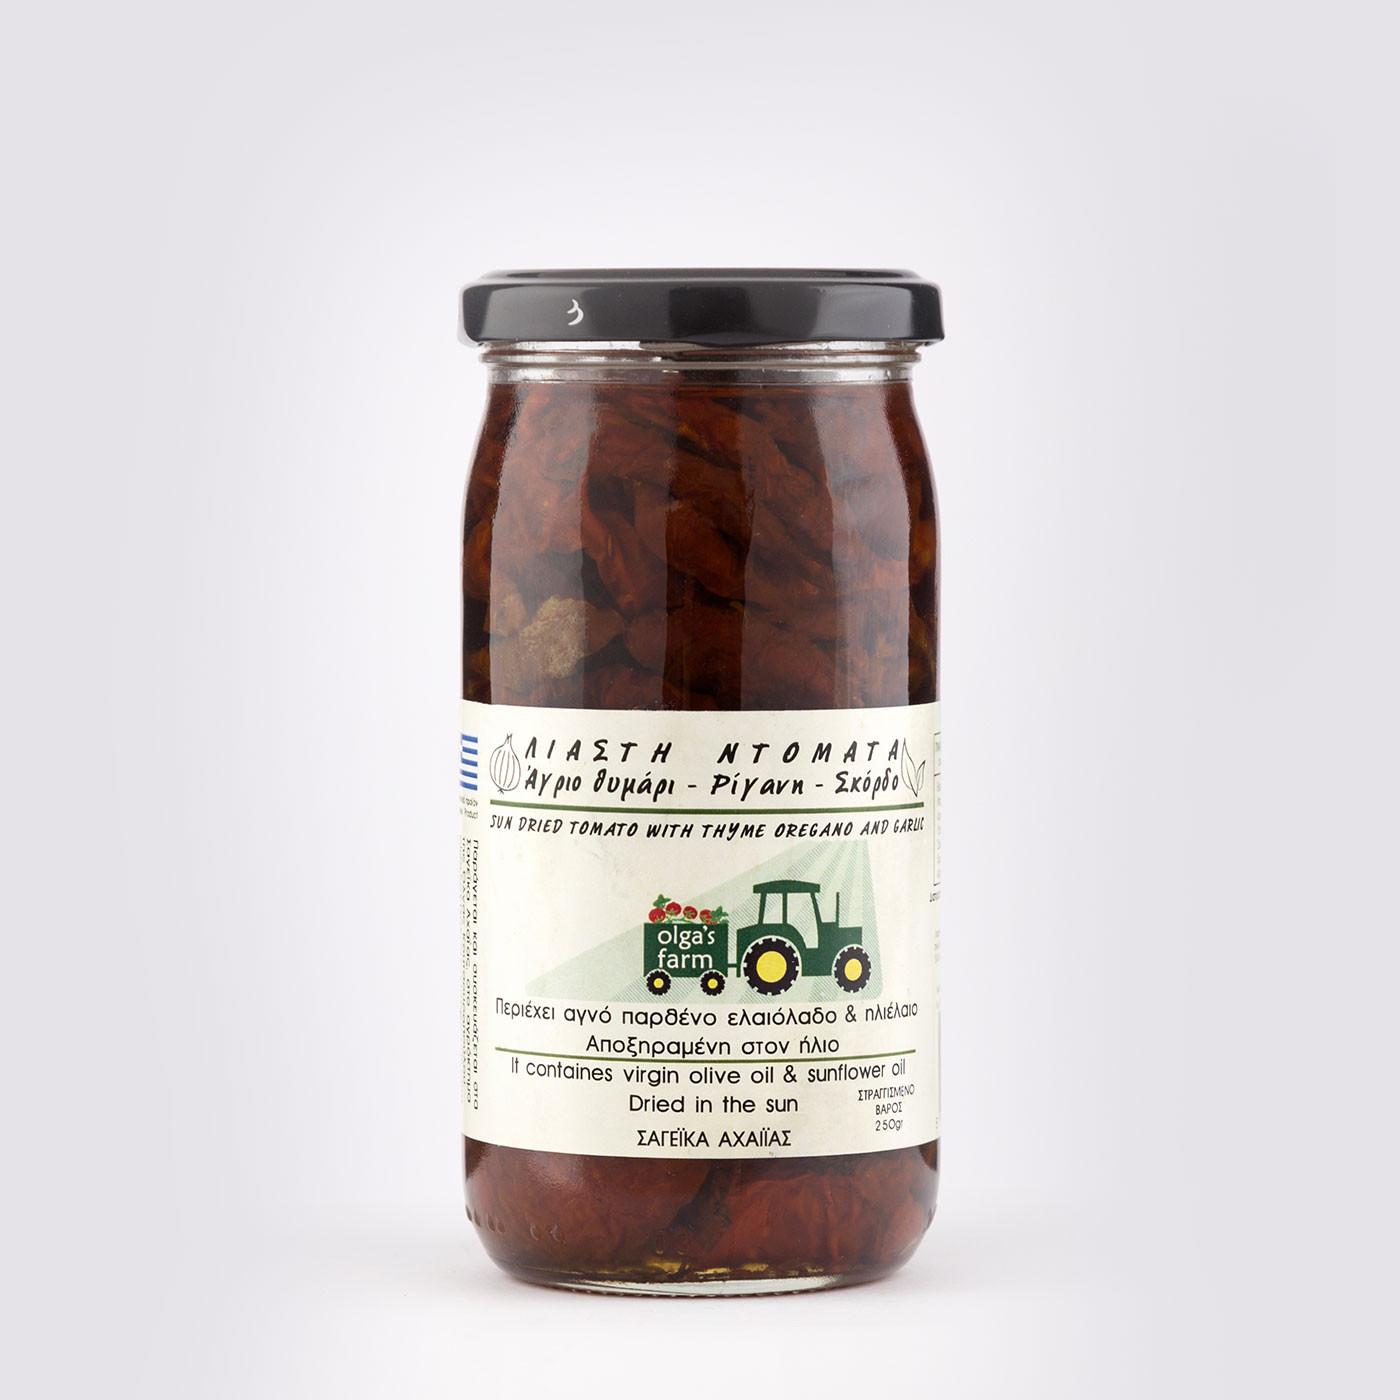 """Λιαστή Ντομάτα με Άγριο θυμάρι-Ρίγανη-Σκόρδο """"Olga's farm"""" 250 g"""